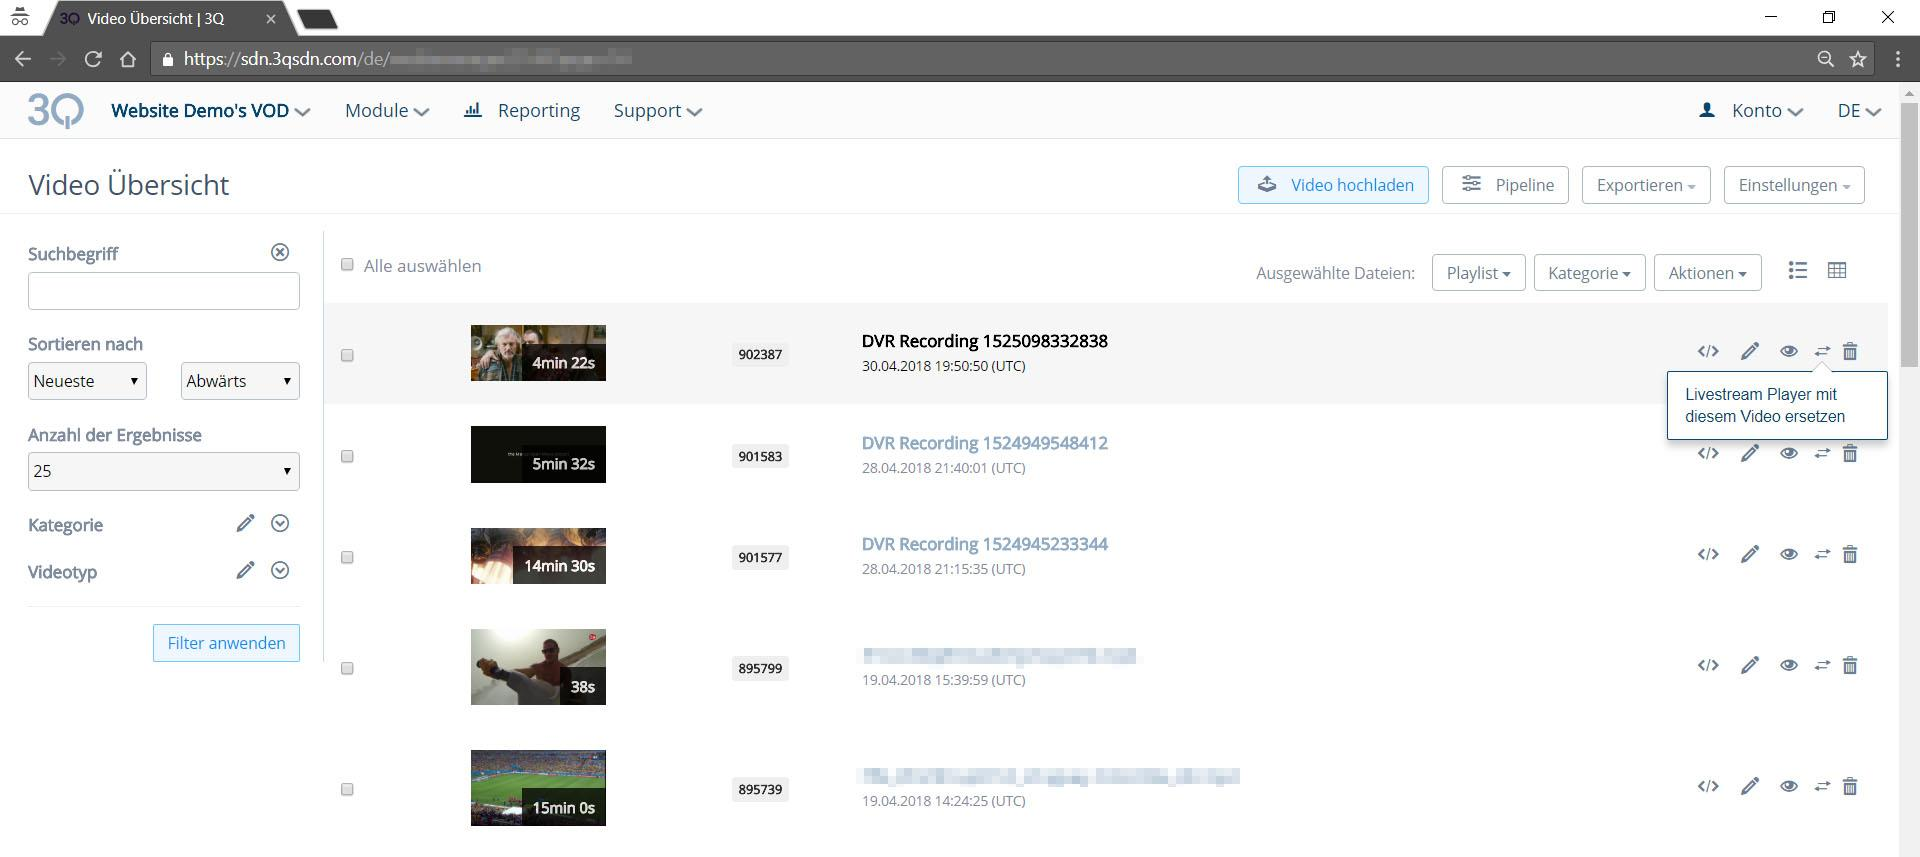 Ersetzen des DVR Embed-Codes mit mit VoD - Screenshot